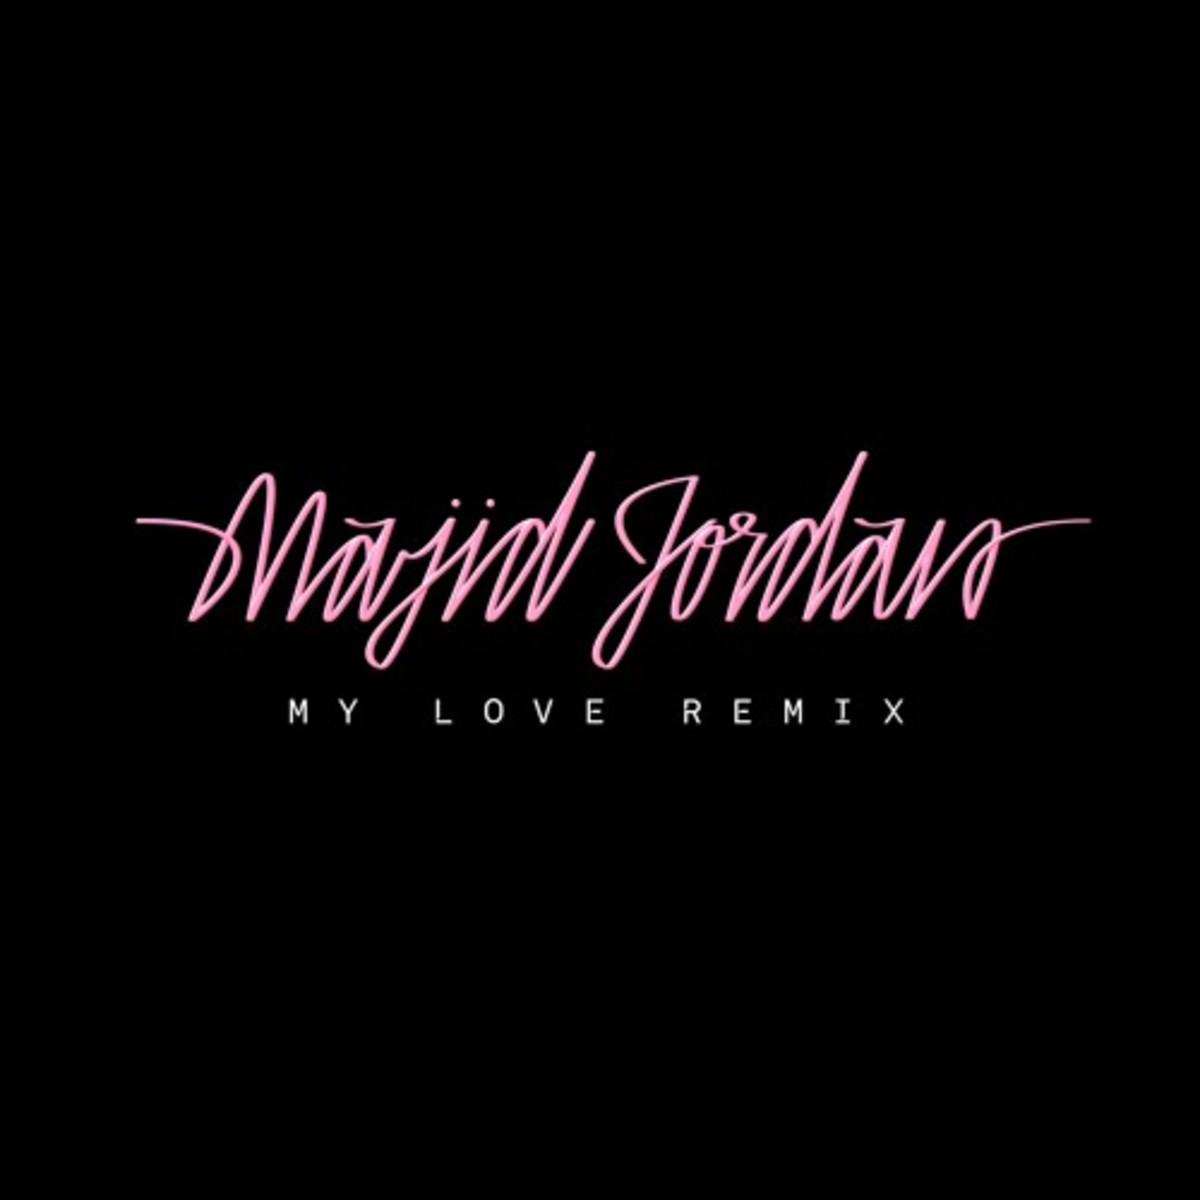 majid-jordan-my-love-remix.jpg